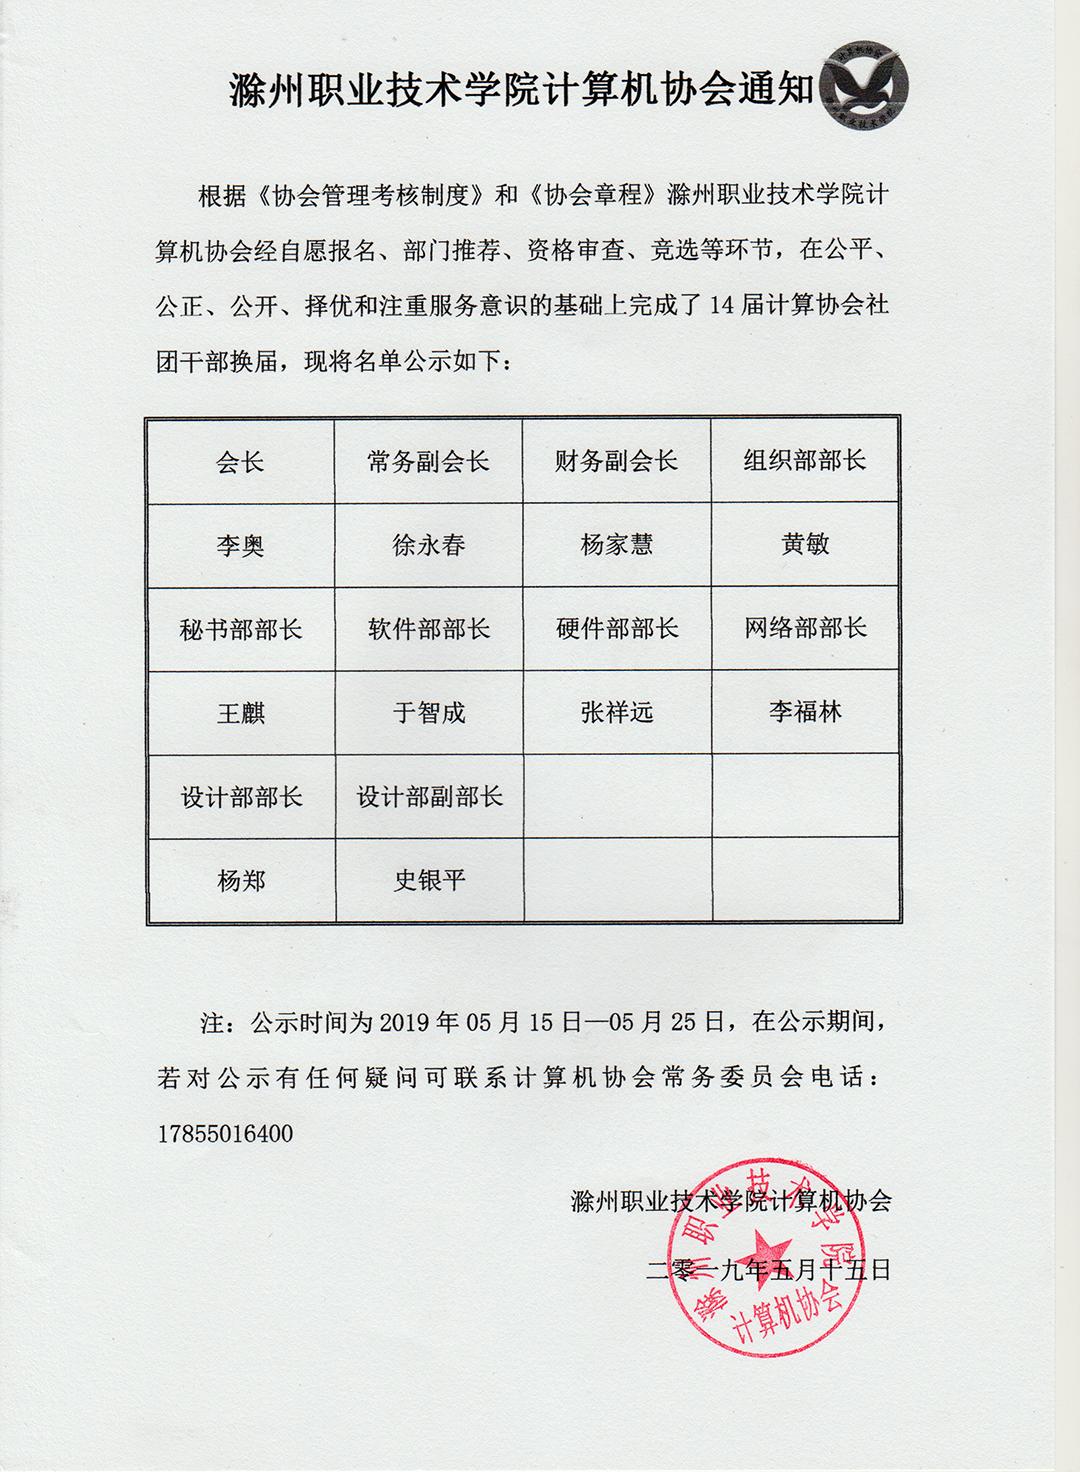 计算机协会第十四届换届选举名单公示